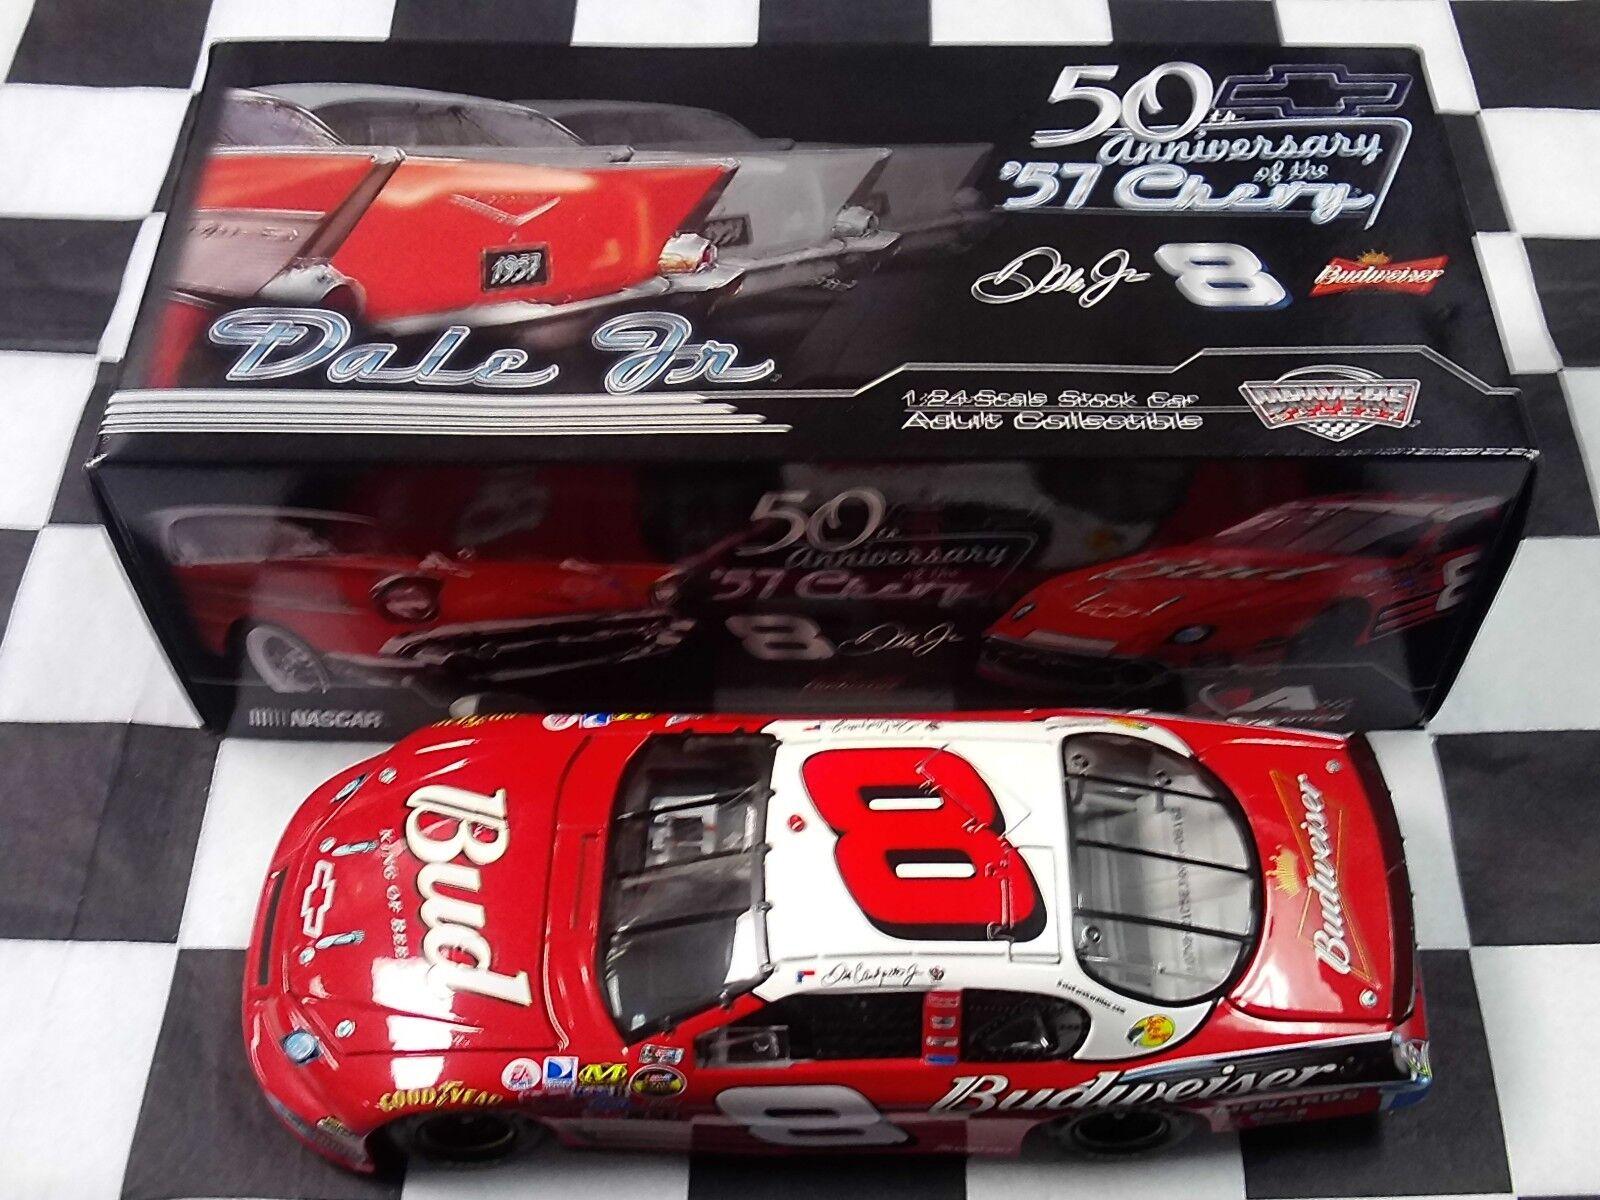 grandi offerte Dale Earnhardt Jr  8 8 8 Budweiser 57 Chevy 50th Anniversary 2007 1 24 azione NIB  spedizione veloce e miglior servizio